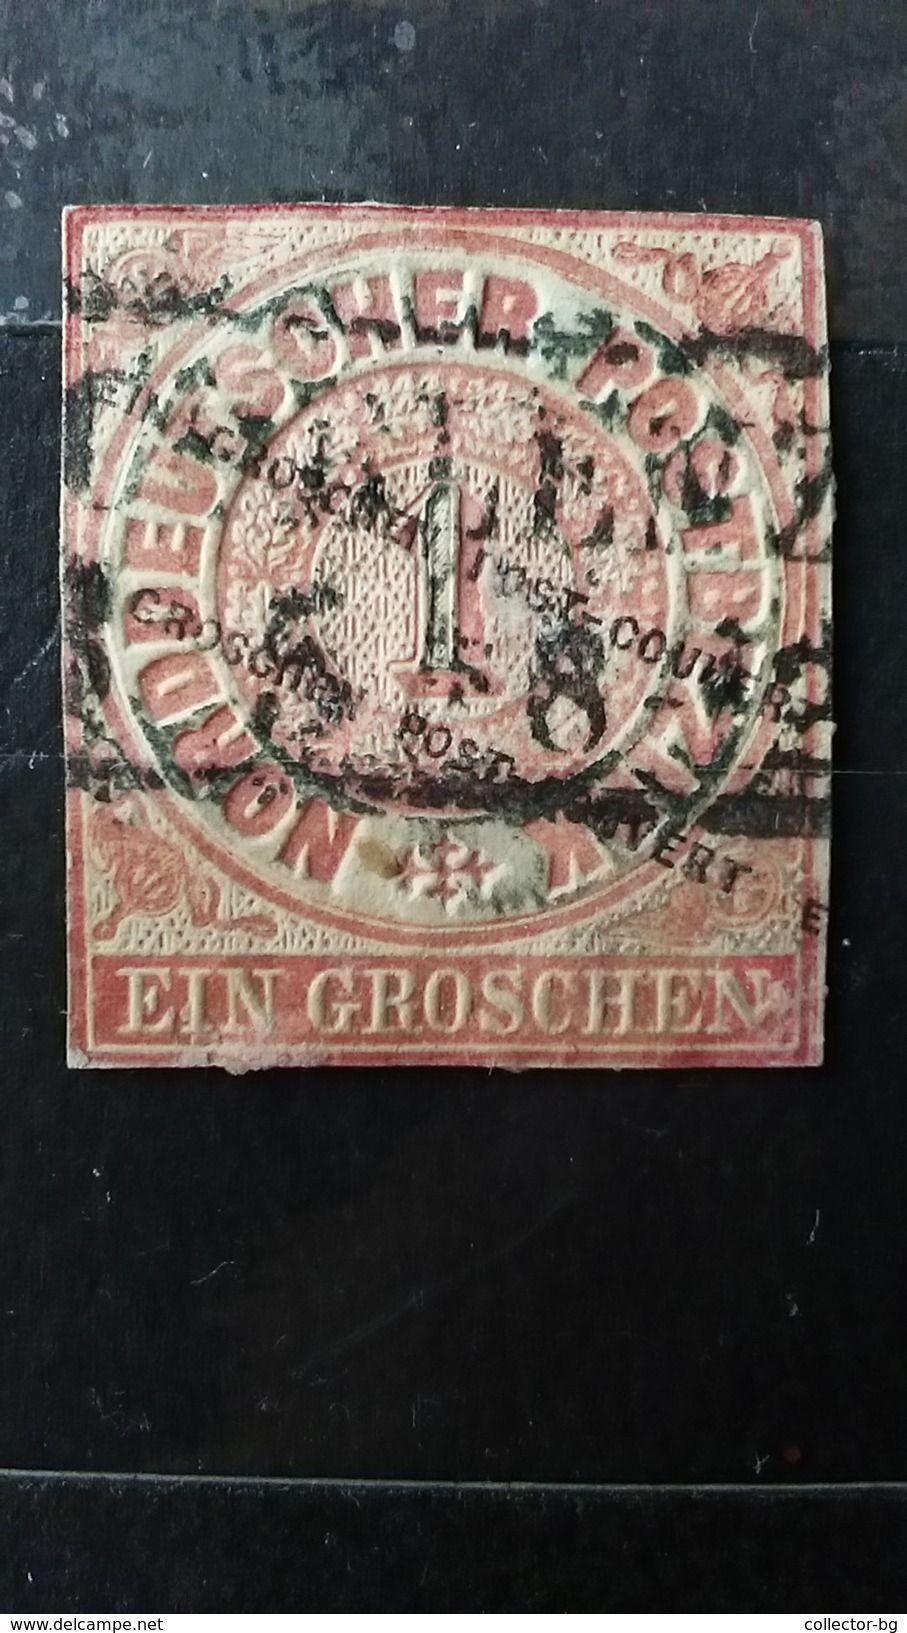 RRR 1 EIN GROSCHEN NORTH GERMAN STATE 1868 2 DIFFERET WMK